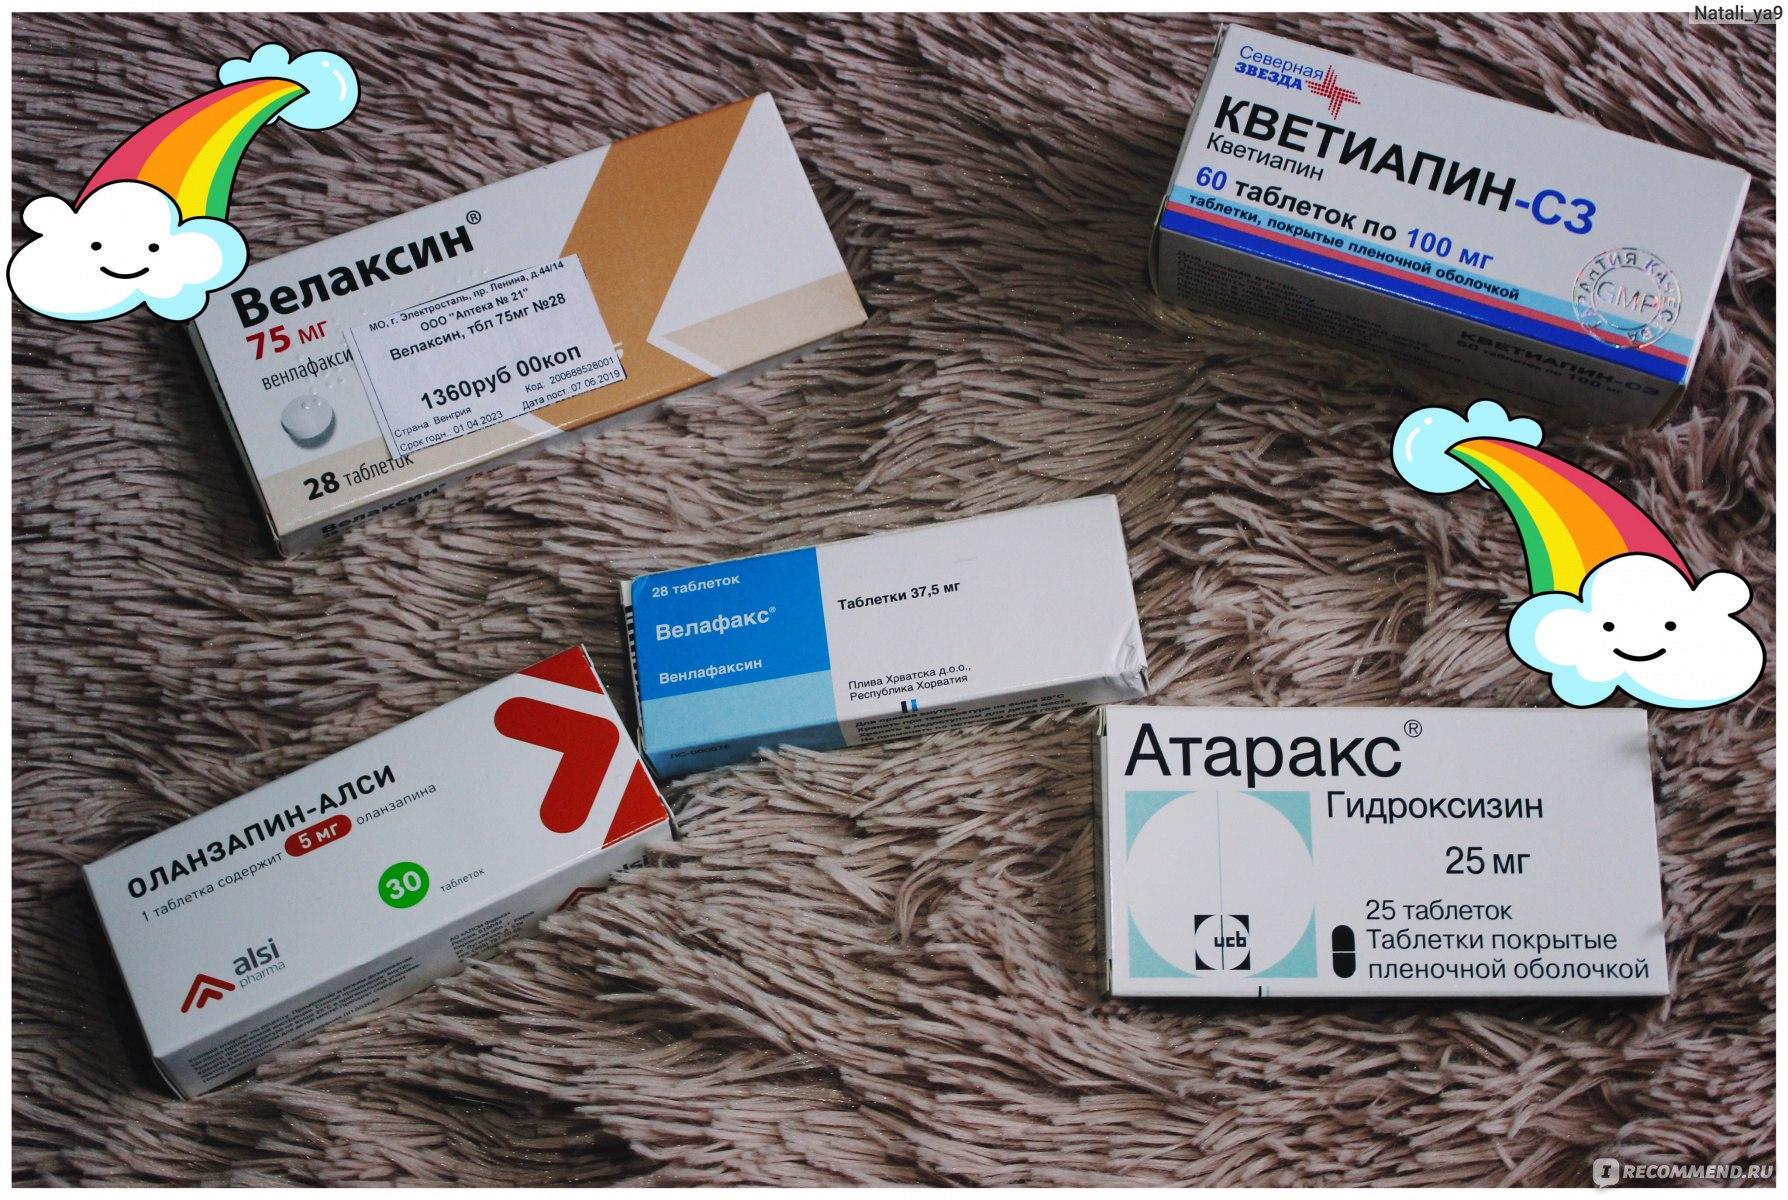 Мелипрамин: инструкция по применению, отзывы, цена